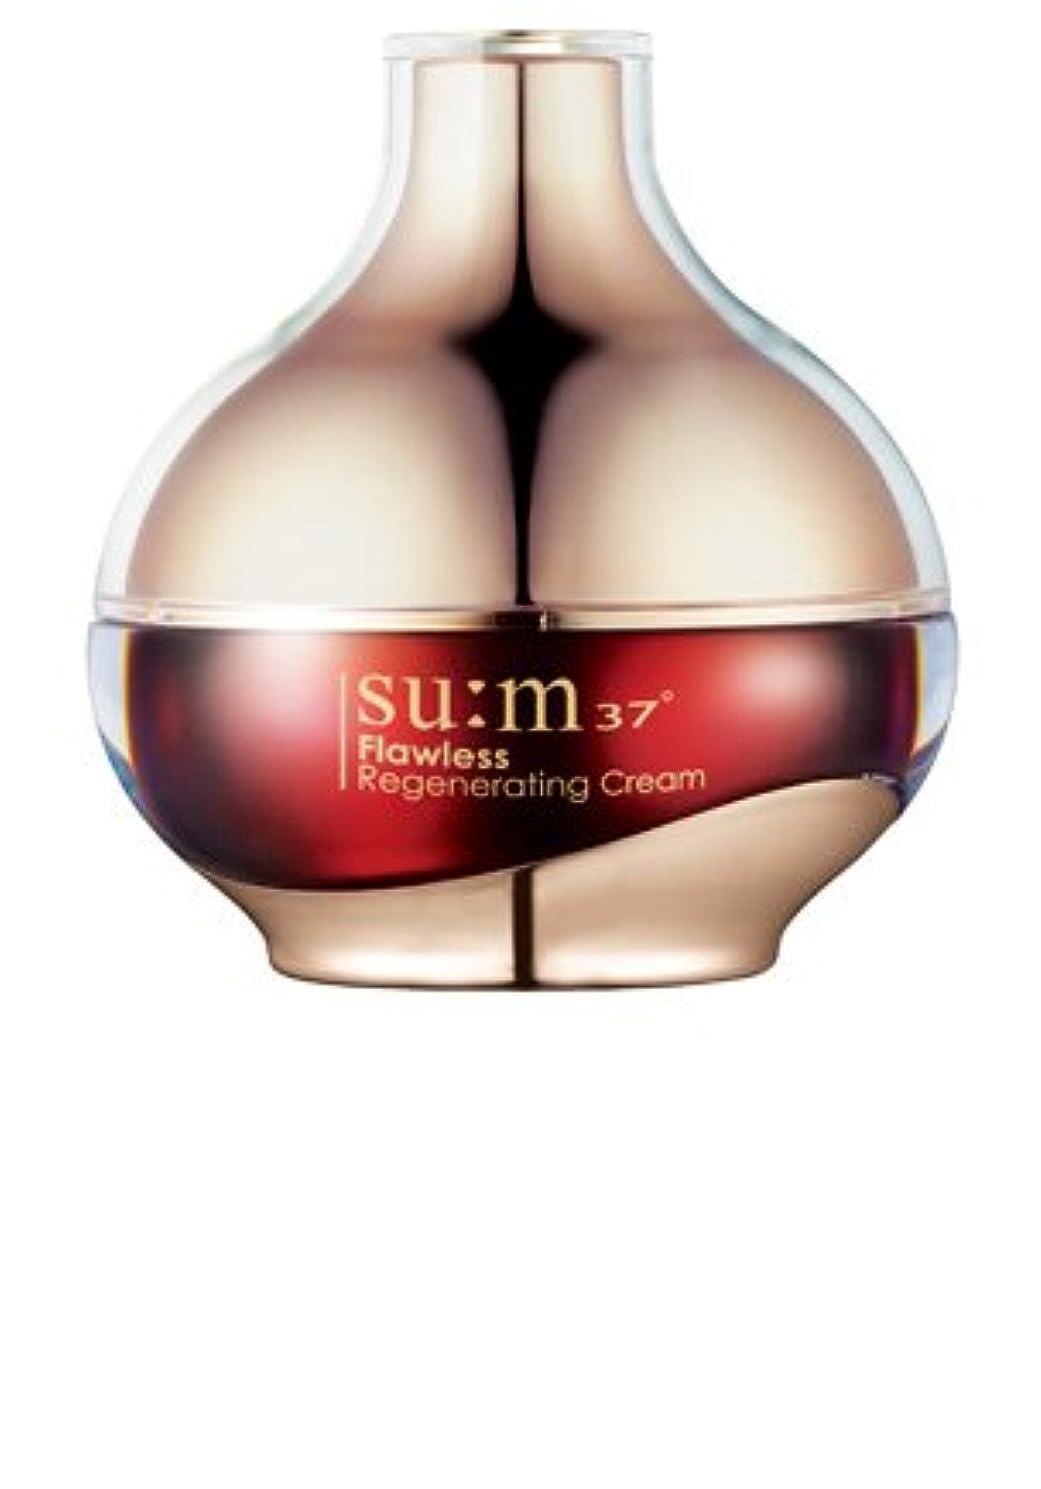 囚人発明する関与する[SUM37/スム37]Flawless Regenerating Cream 50ml/フローレス リジェネレーティング クリーム 50ml [海外直送品]